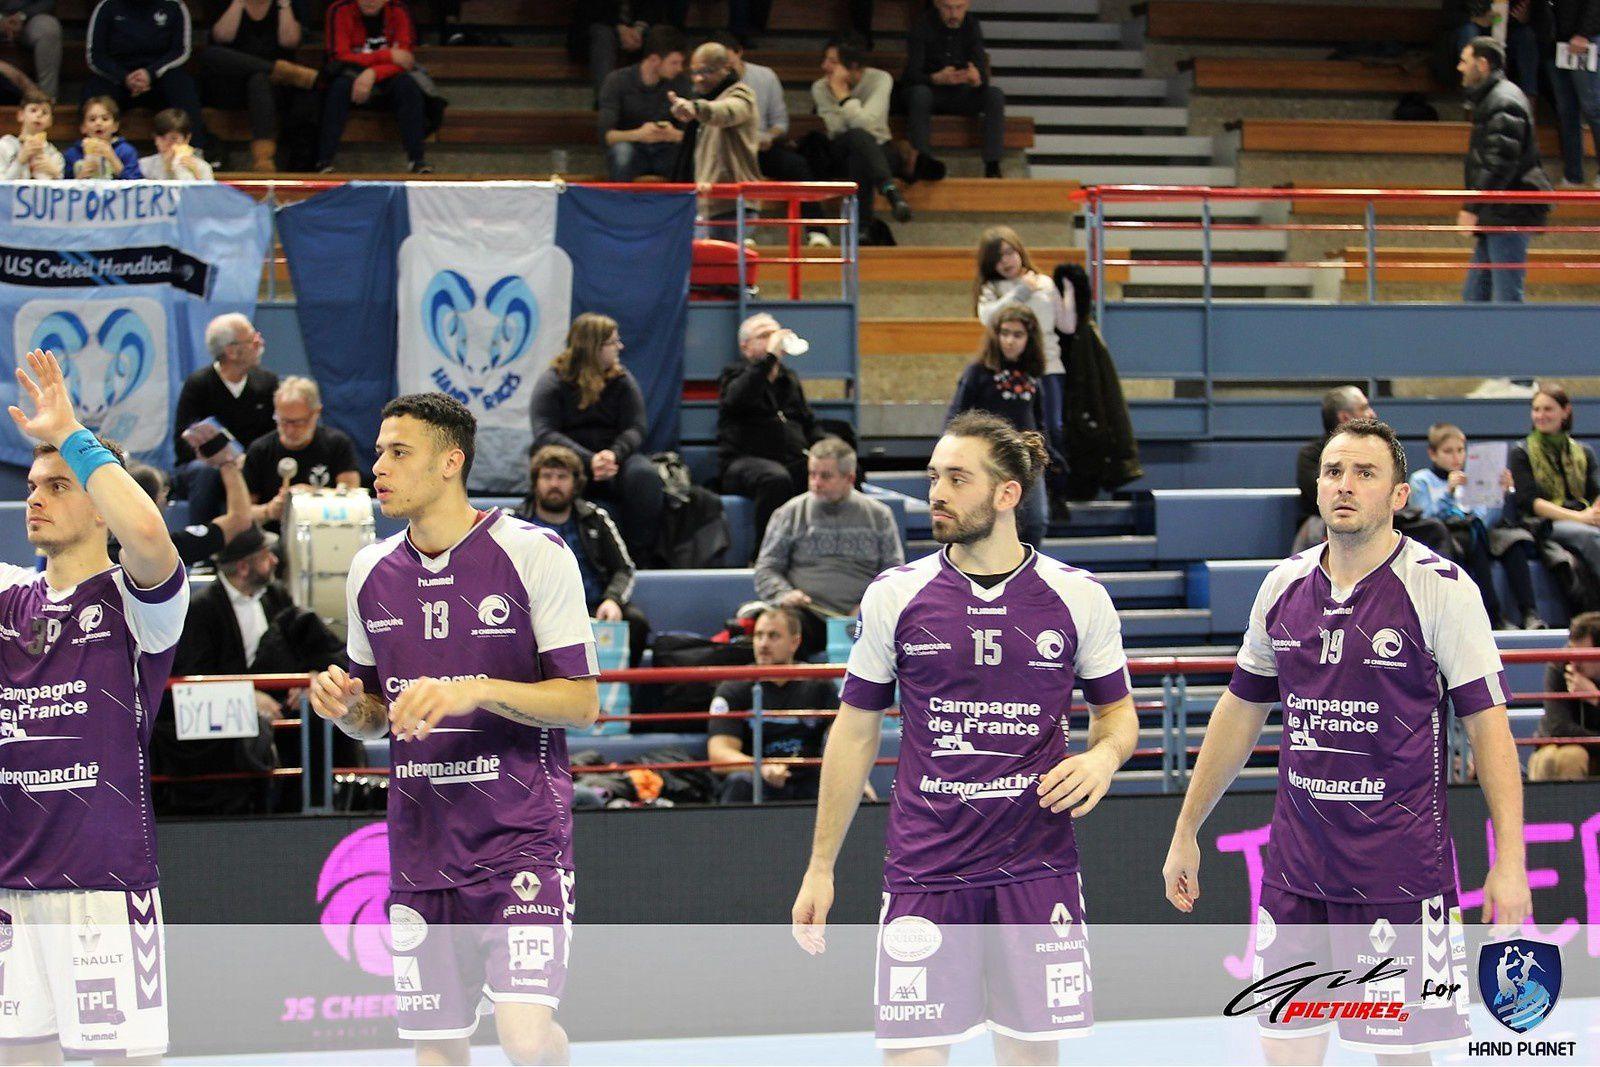 ProLigue | US Créteil vs Cherbourg (08.02.2019)